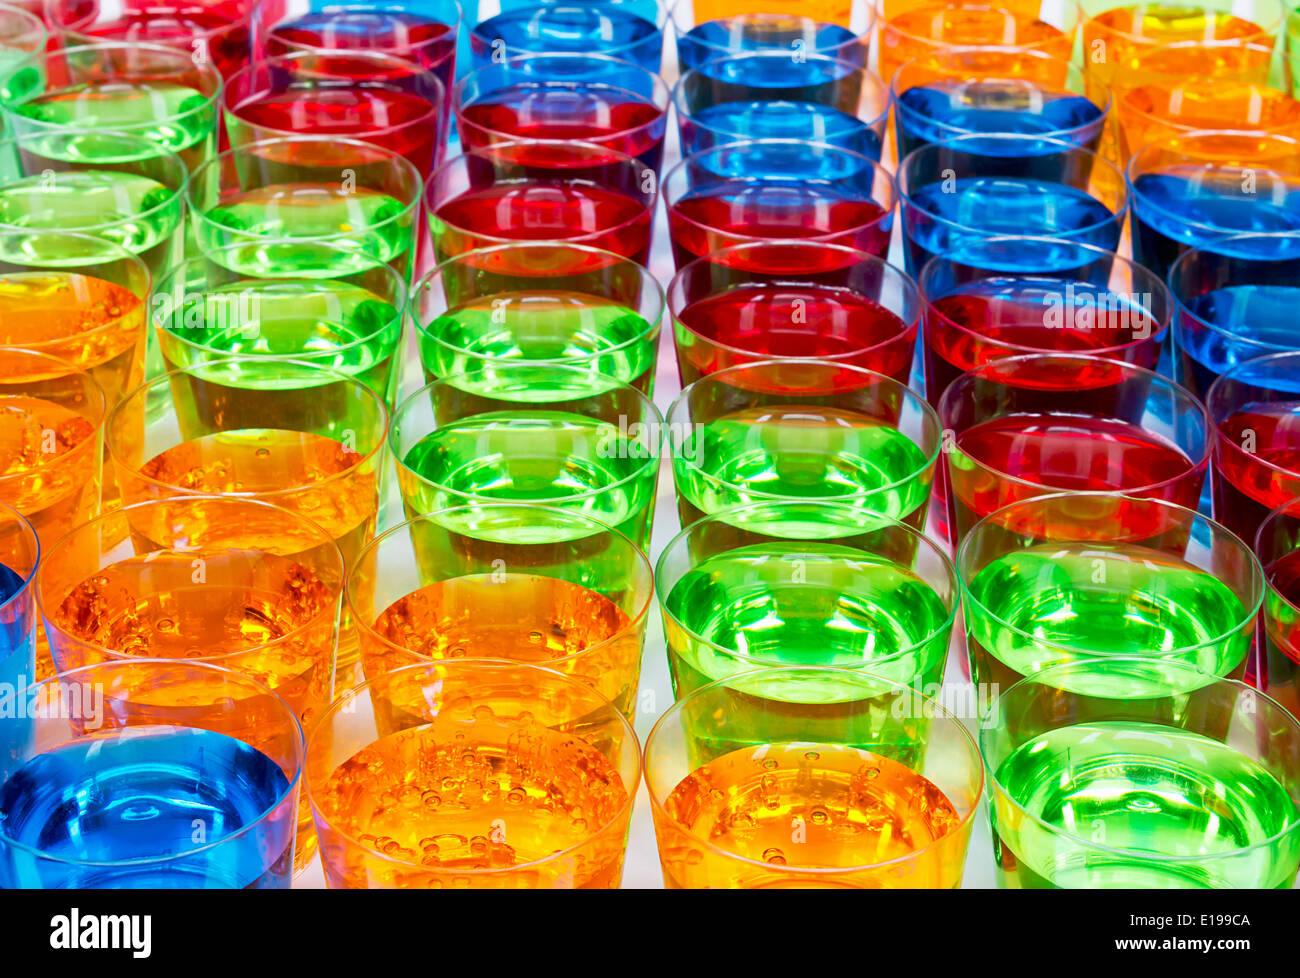 Varie bevande scatti in bicchierini creando multi bevande colorate sullo sfondo del settore Immagini Stock